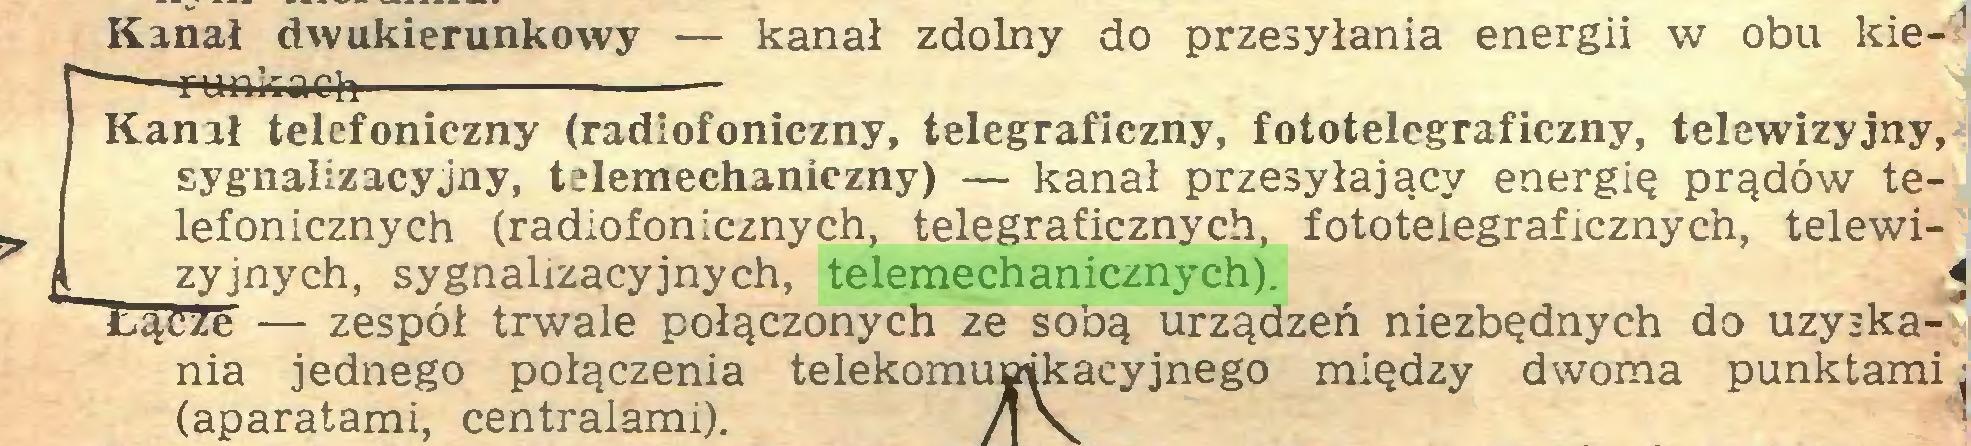 (...) Kanał dwukierunkowy — kanał zdolny do przesyłania energii w obu kie-*  1 -guńkach Kanał telefoniczny (radiofoniczny, telegraficzny, fototelegraficzny, telewizyjny, sygnalizacyjny, telemechaniczny) — kanał przesyłający energię prądów telefonicznych (radiofonicznych, telegraficznych, fototeiegraficznych, telewiĄ zyjnych, sygnalizacyjnych, telemechanicznych). 4 Łącze — zespół trwale połączonych ze sobą urządzeń niezbędnych do uzyskania jednego połączenia telekomunikacyjnego między dwoma punktami (aparatami, centralami)...